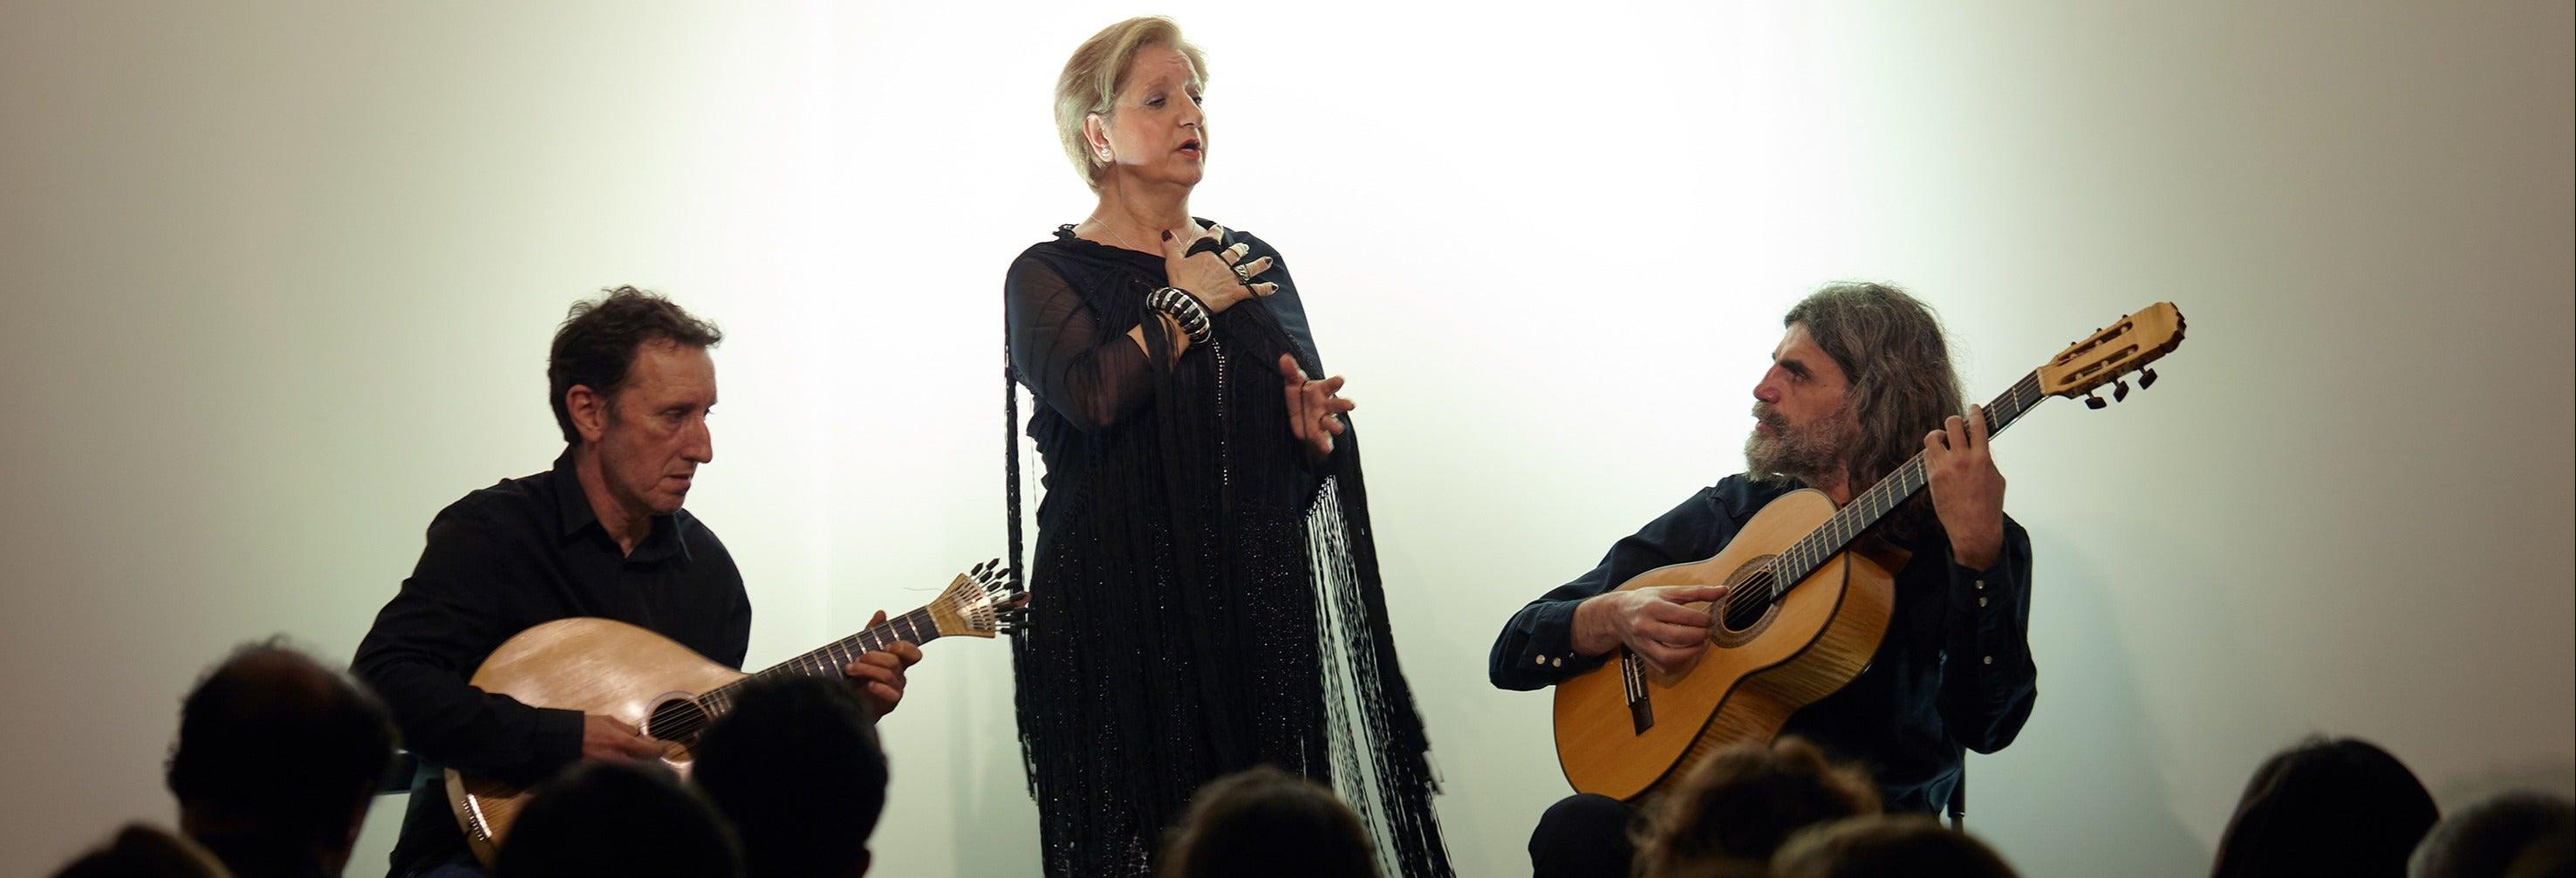 Espetáculo de fado na Casa da Guitarra